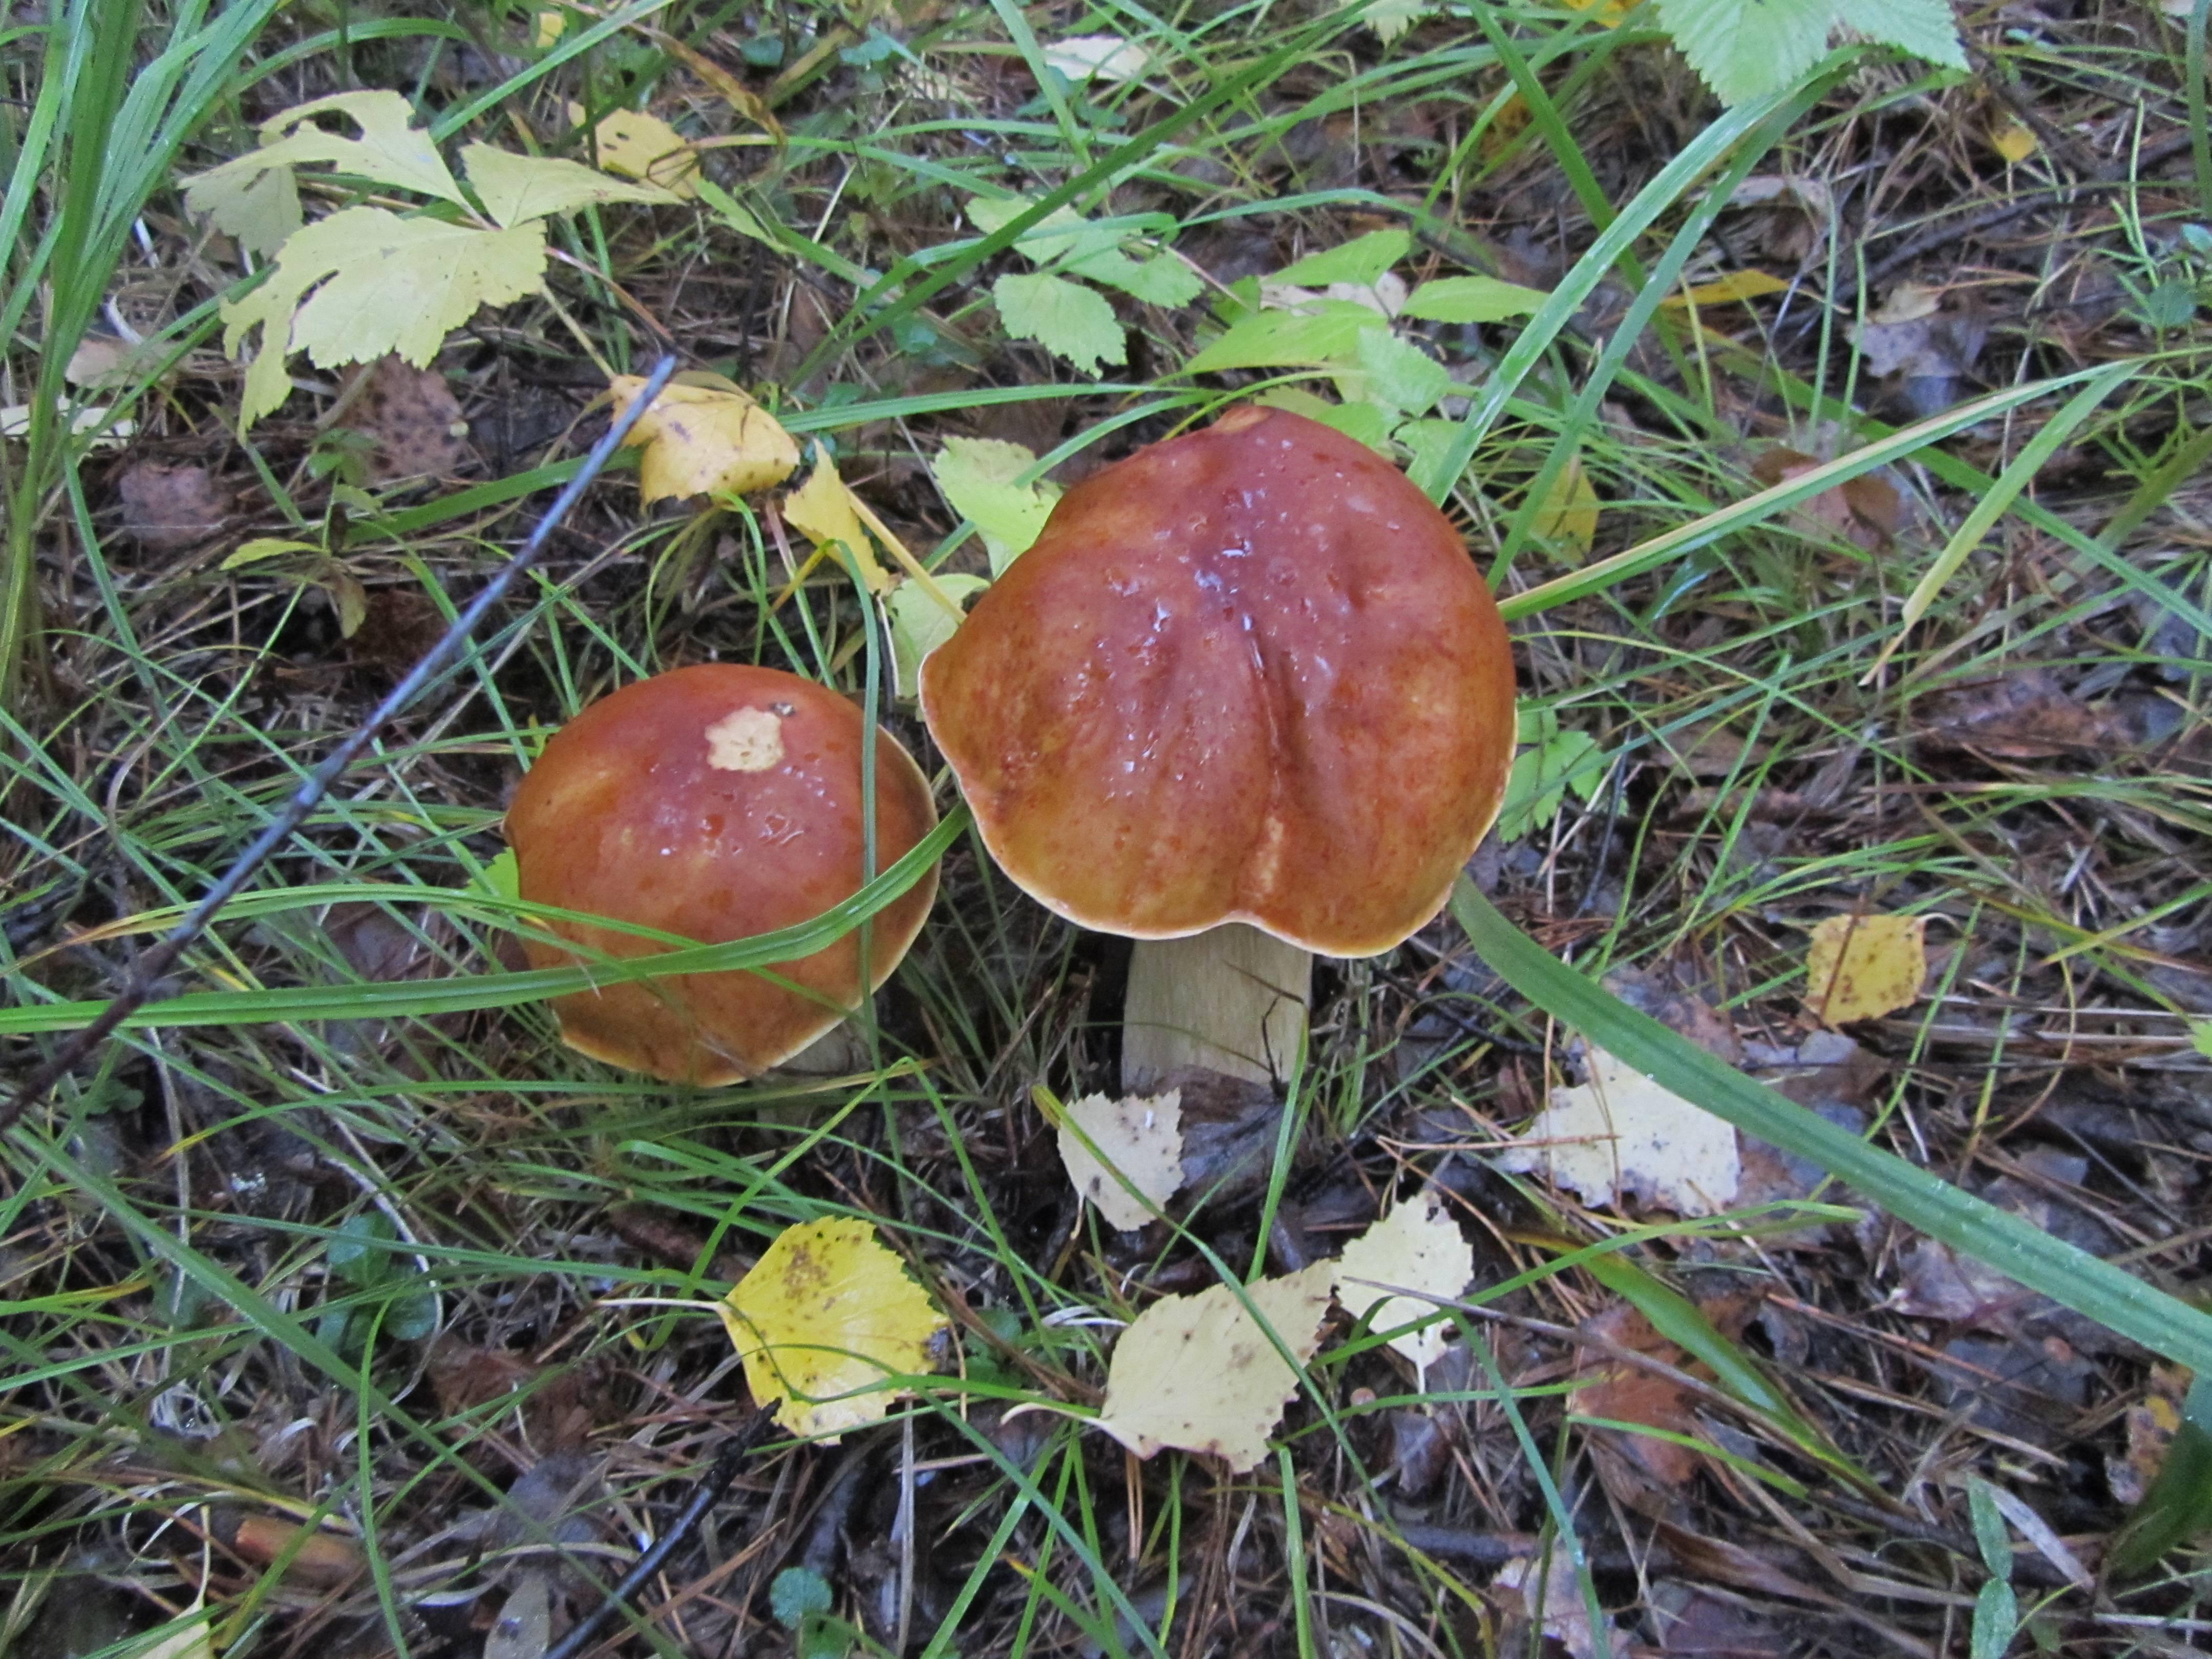 Выращивание грибов на даче и в огороде: условия для посадки и уход